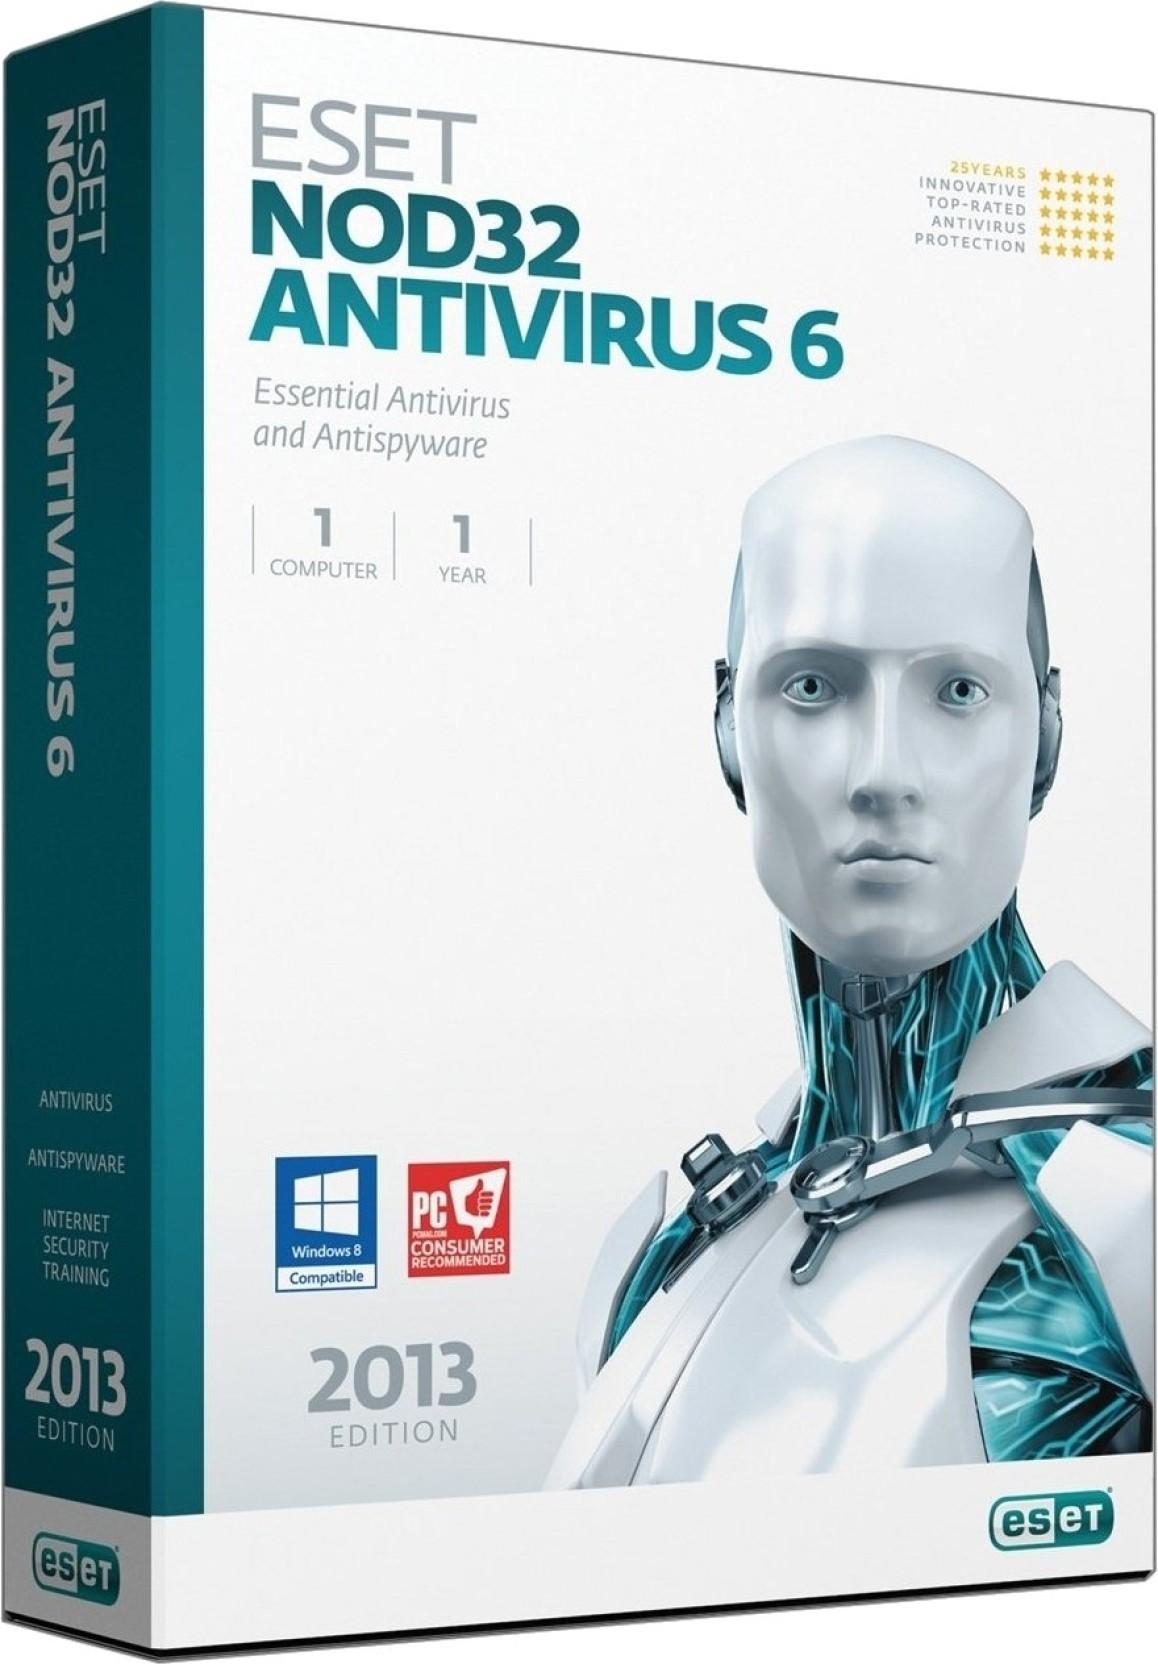 eset nod32 antivirus 防椈:.皹BK�[�B�9�j��x�